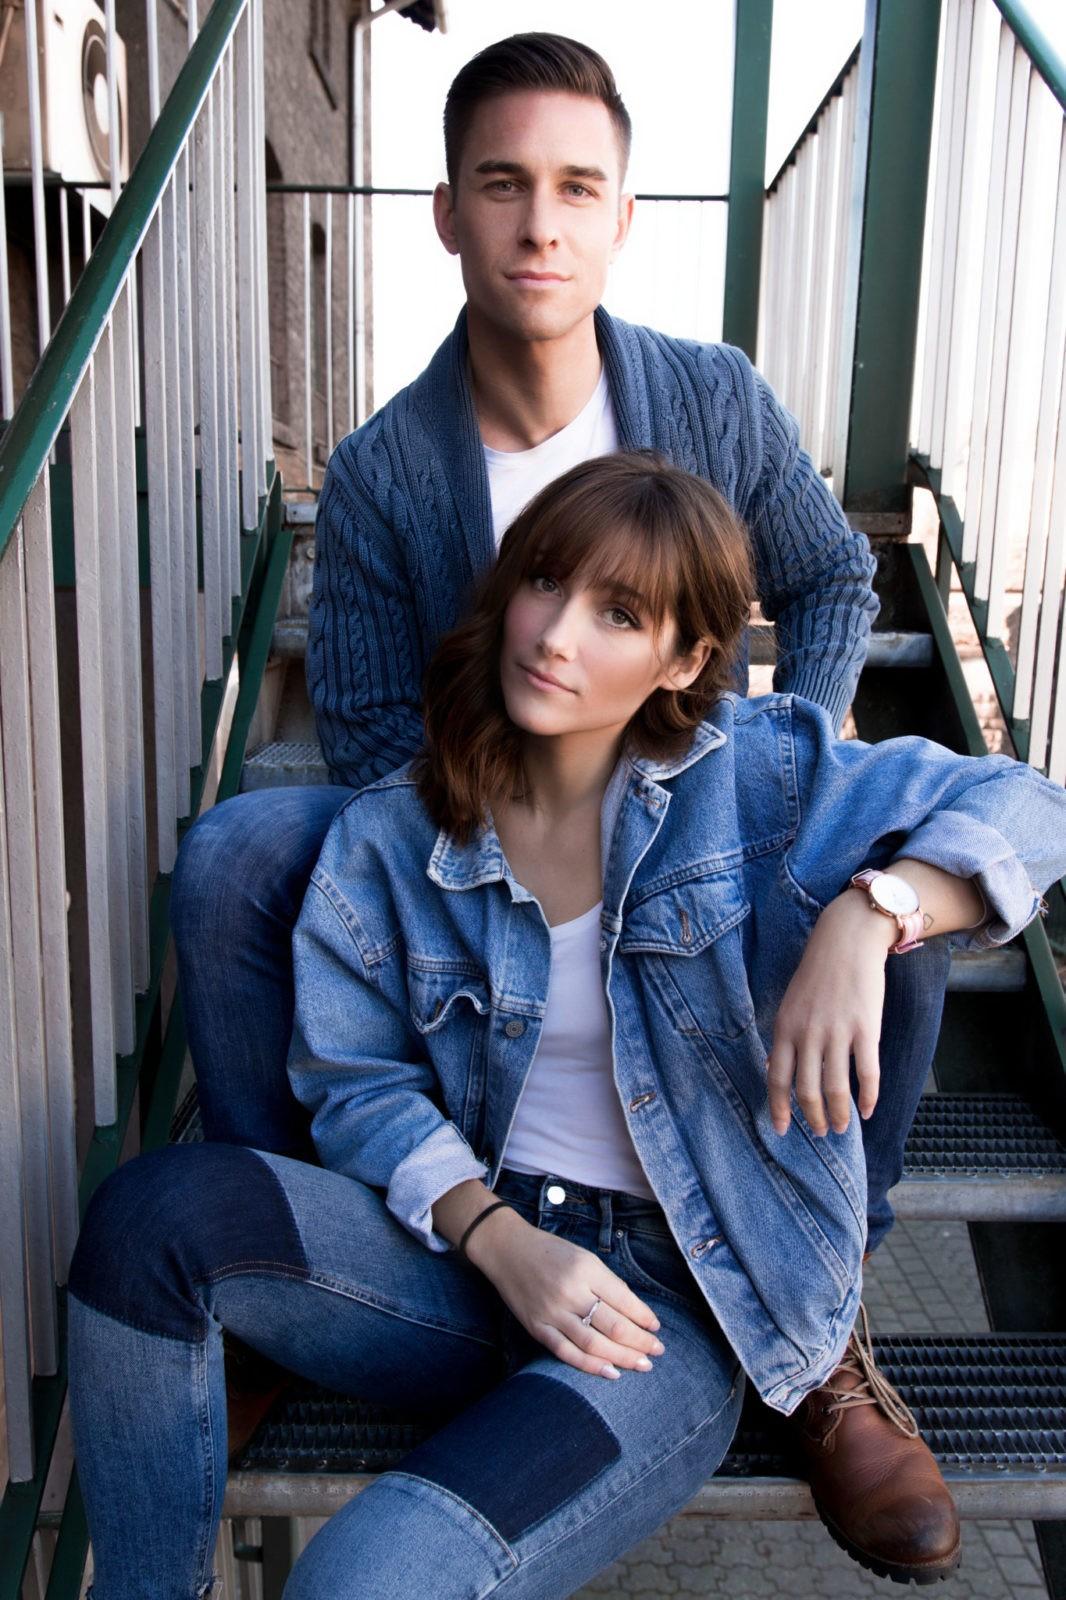 Ein Paar, das auf der Treppe sitzt. Er sitzt einer Stufe höher als sie und sie stützt sich auf seinem Bein ab.